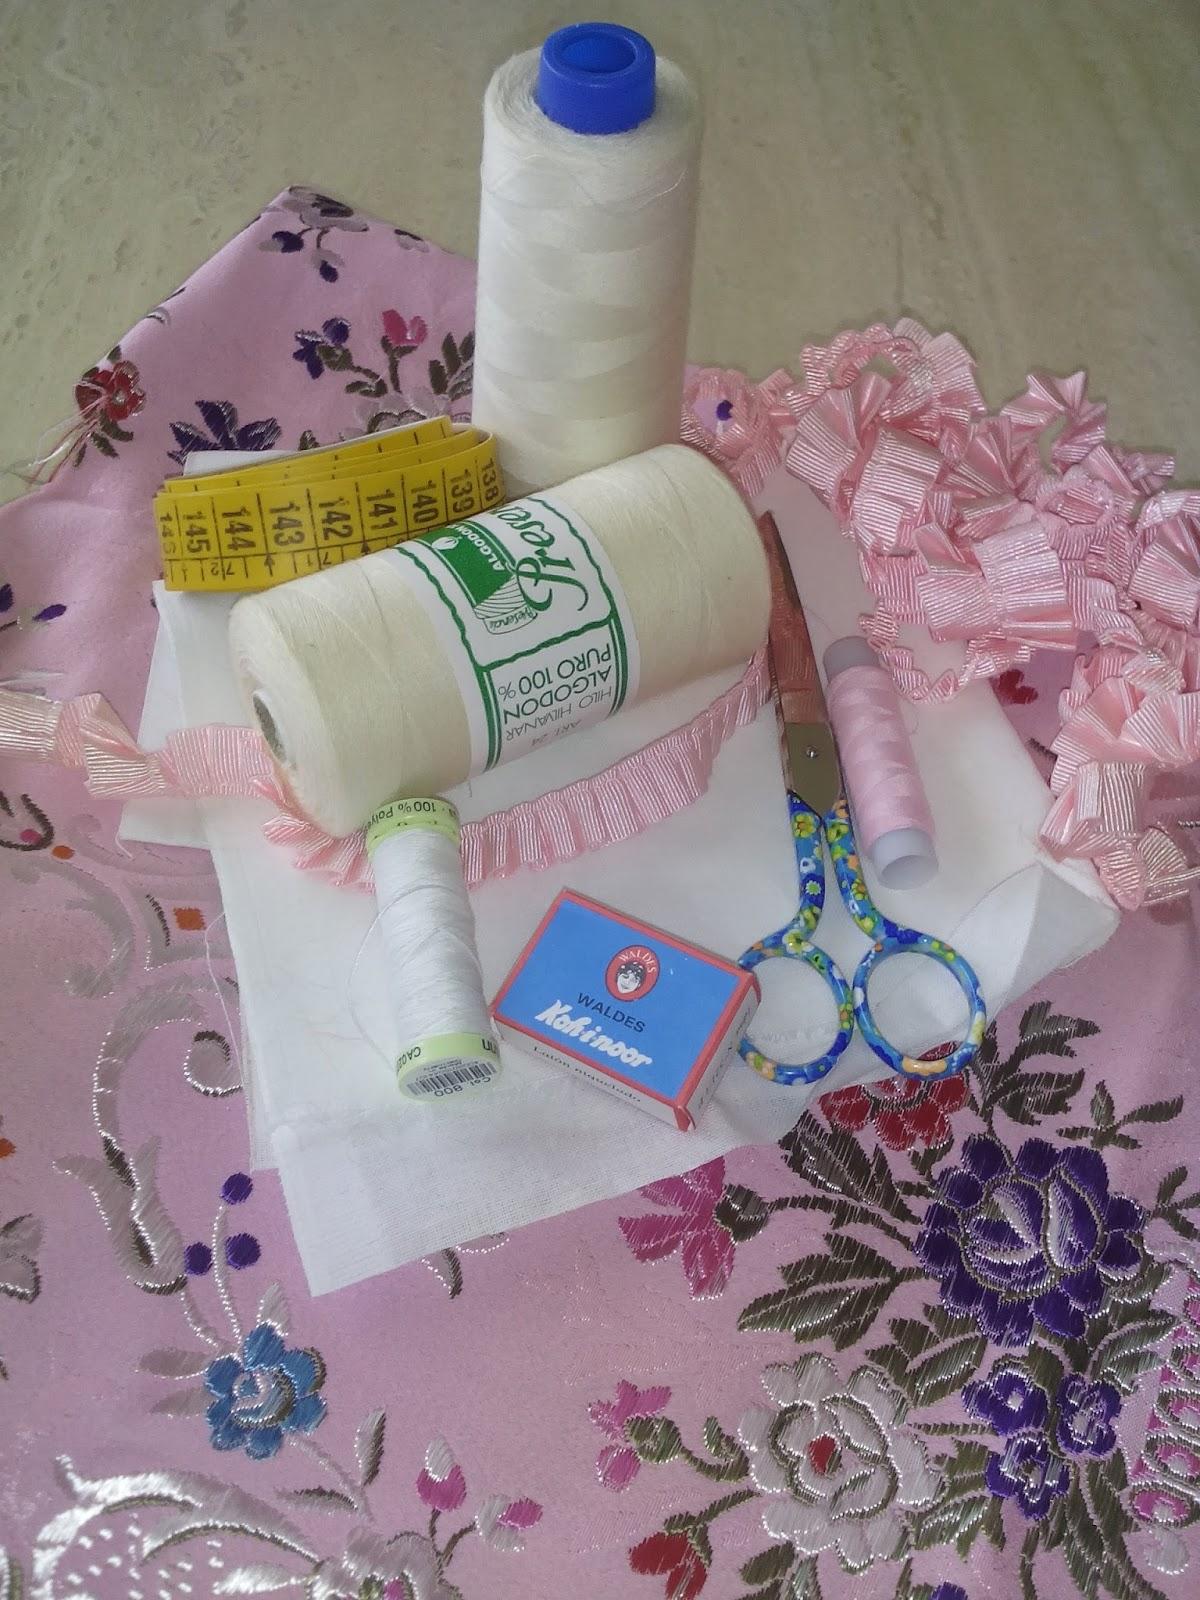 4 X Cinta de fuerte dobladillado Vestido//Falda subir 4m Hierro en Telas no necesita coser